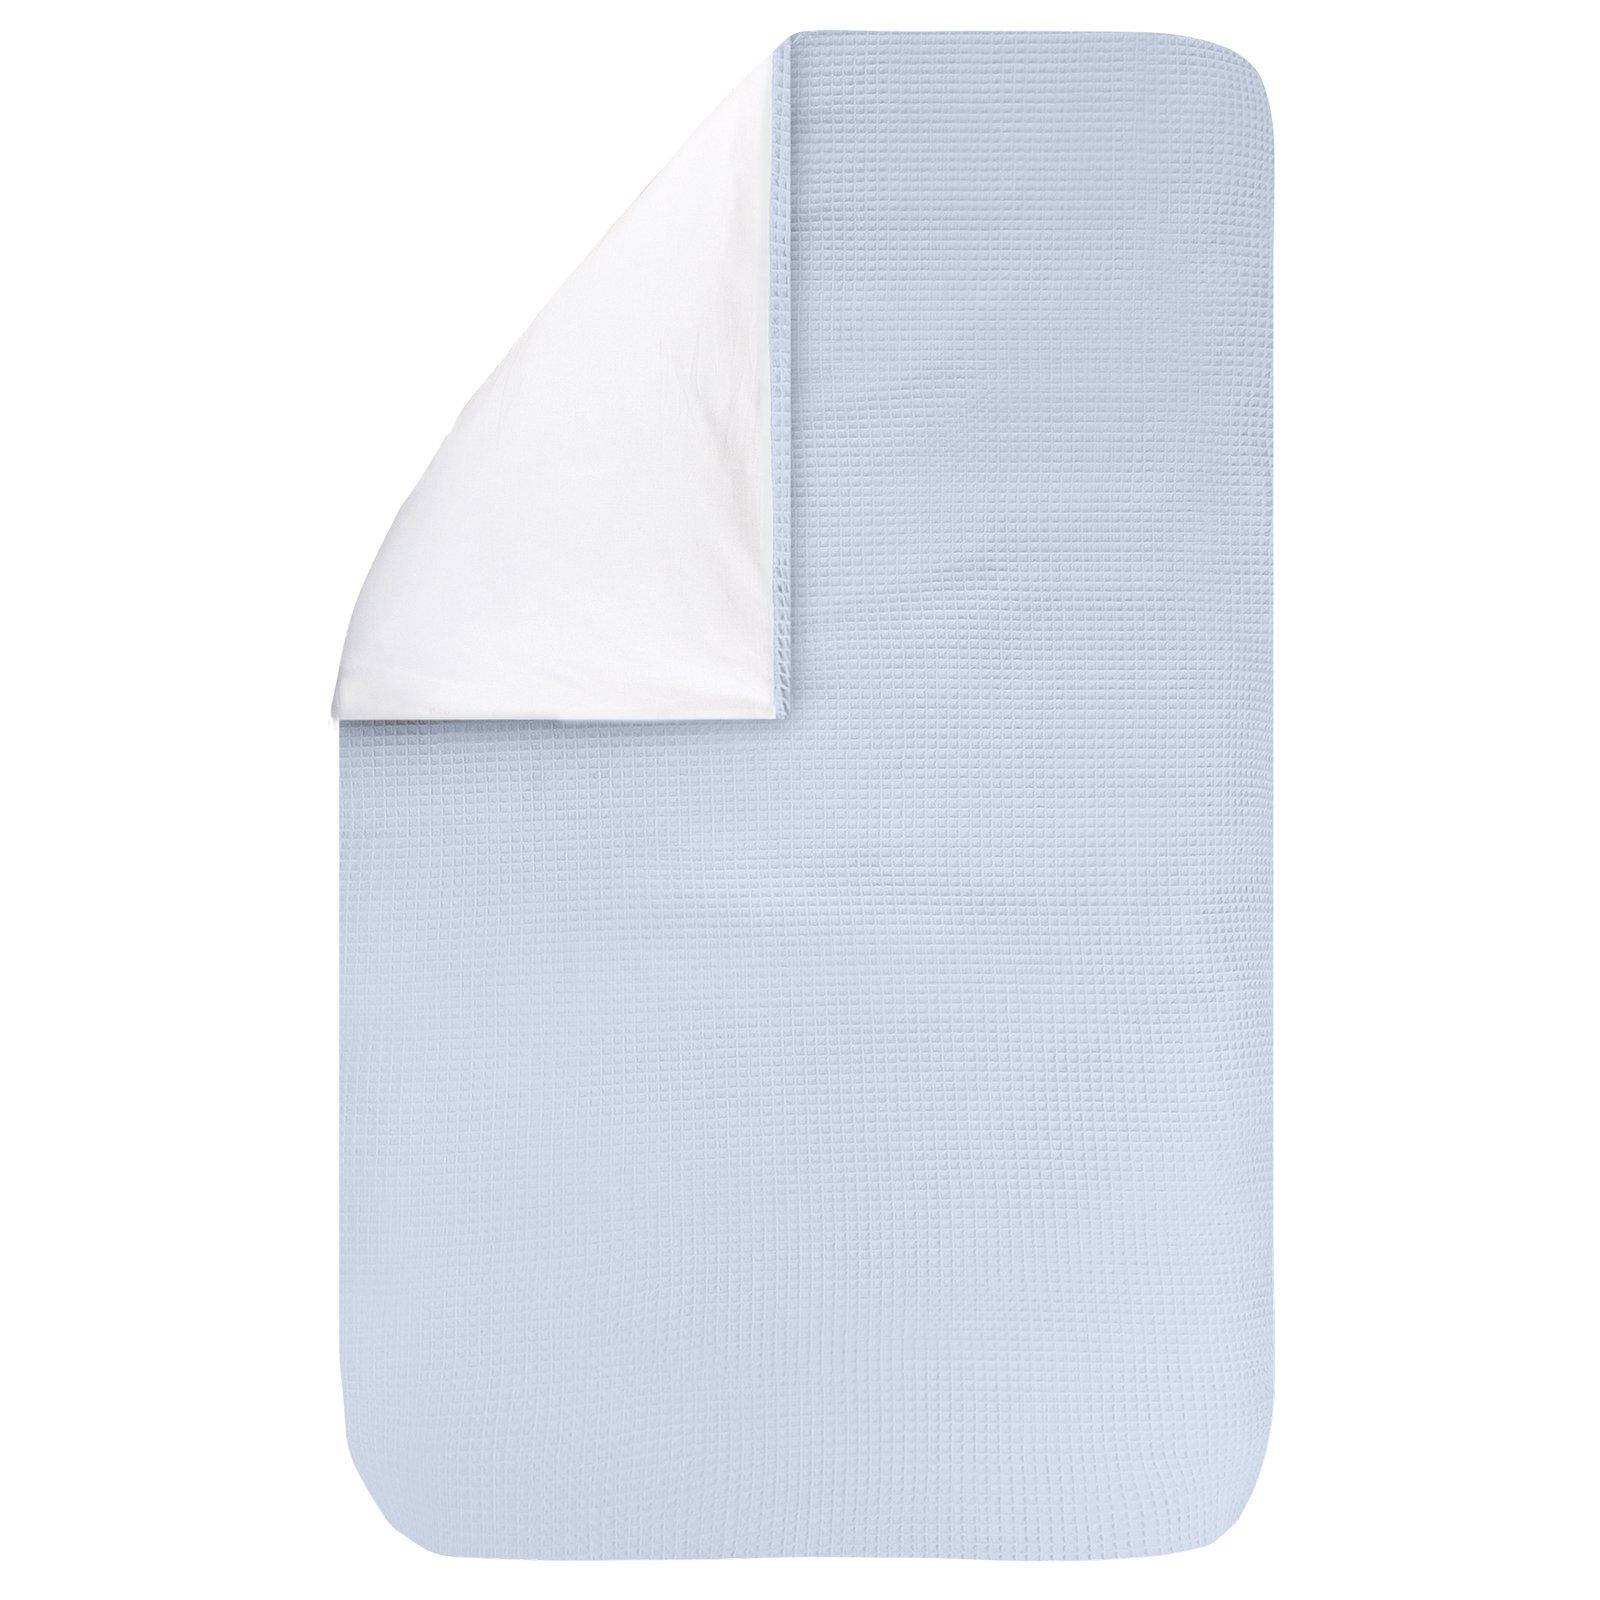 dekbedovertrek Pique blue 100×135